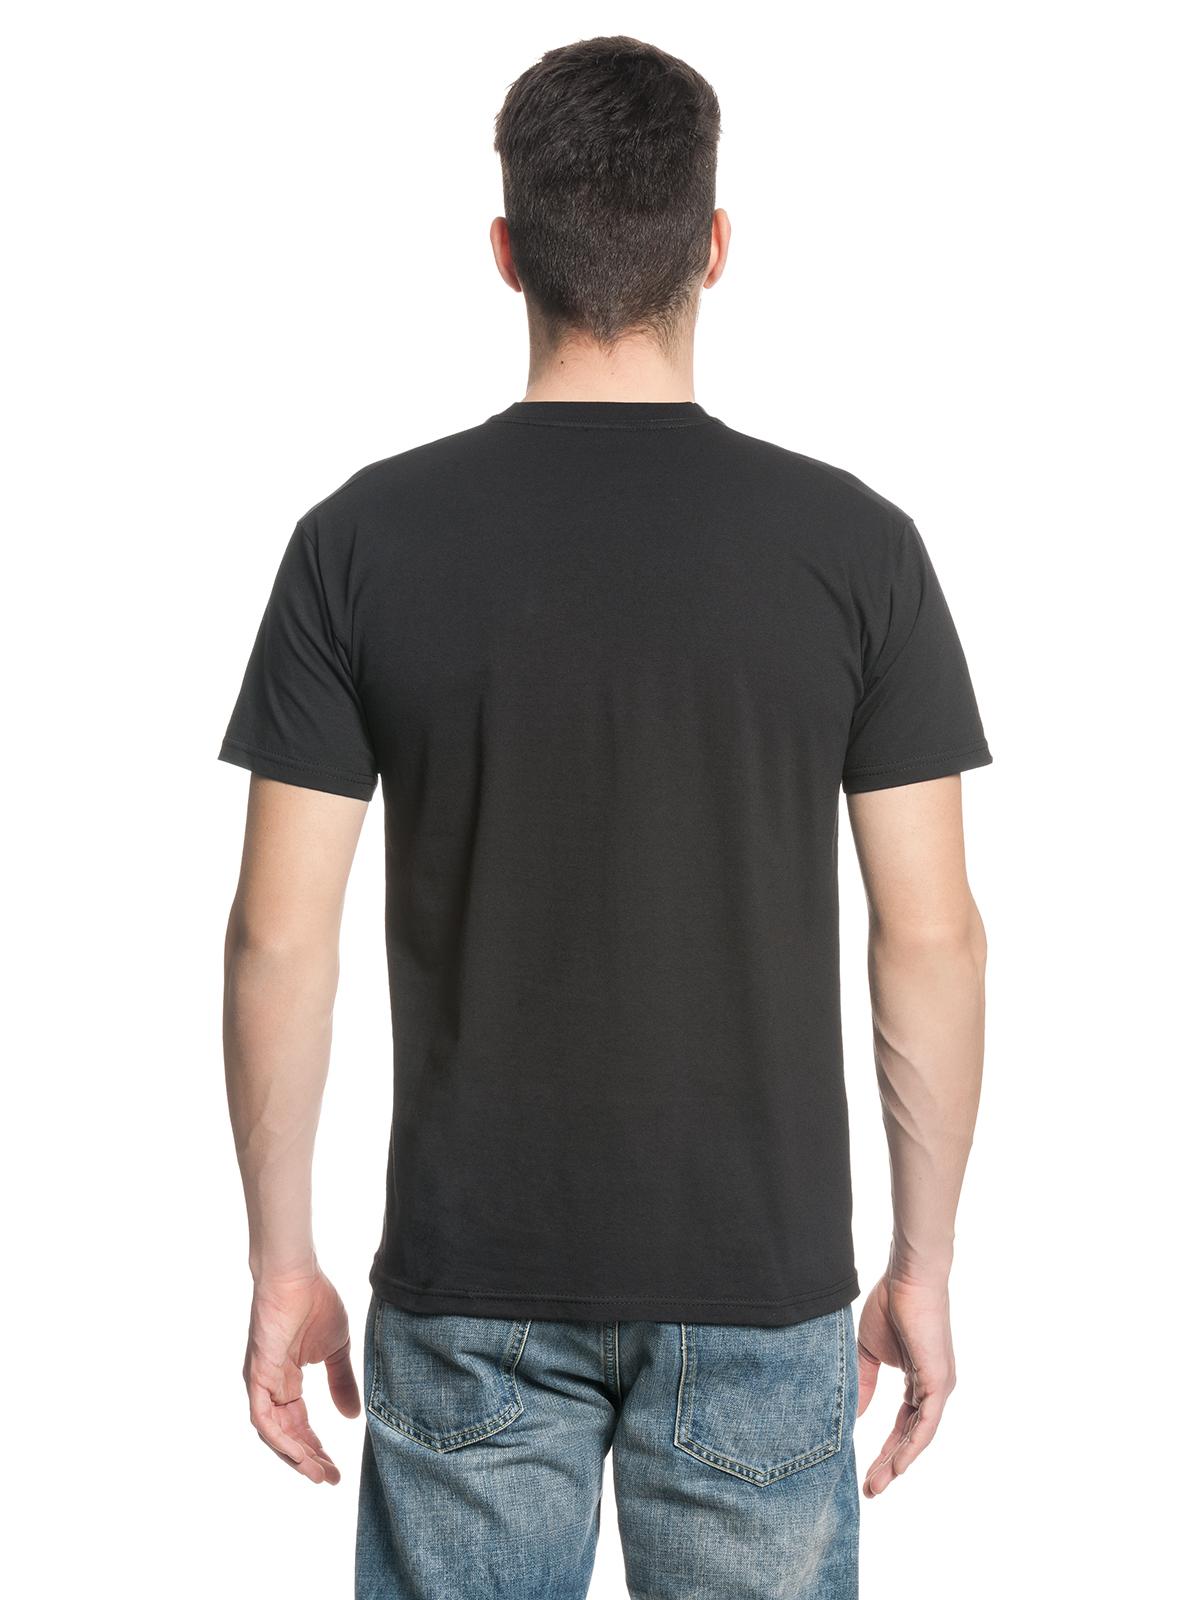 sale retailer e0a77 d9d88 The Walking Dead Killin it Männer T-Shirt schwarz